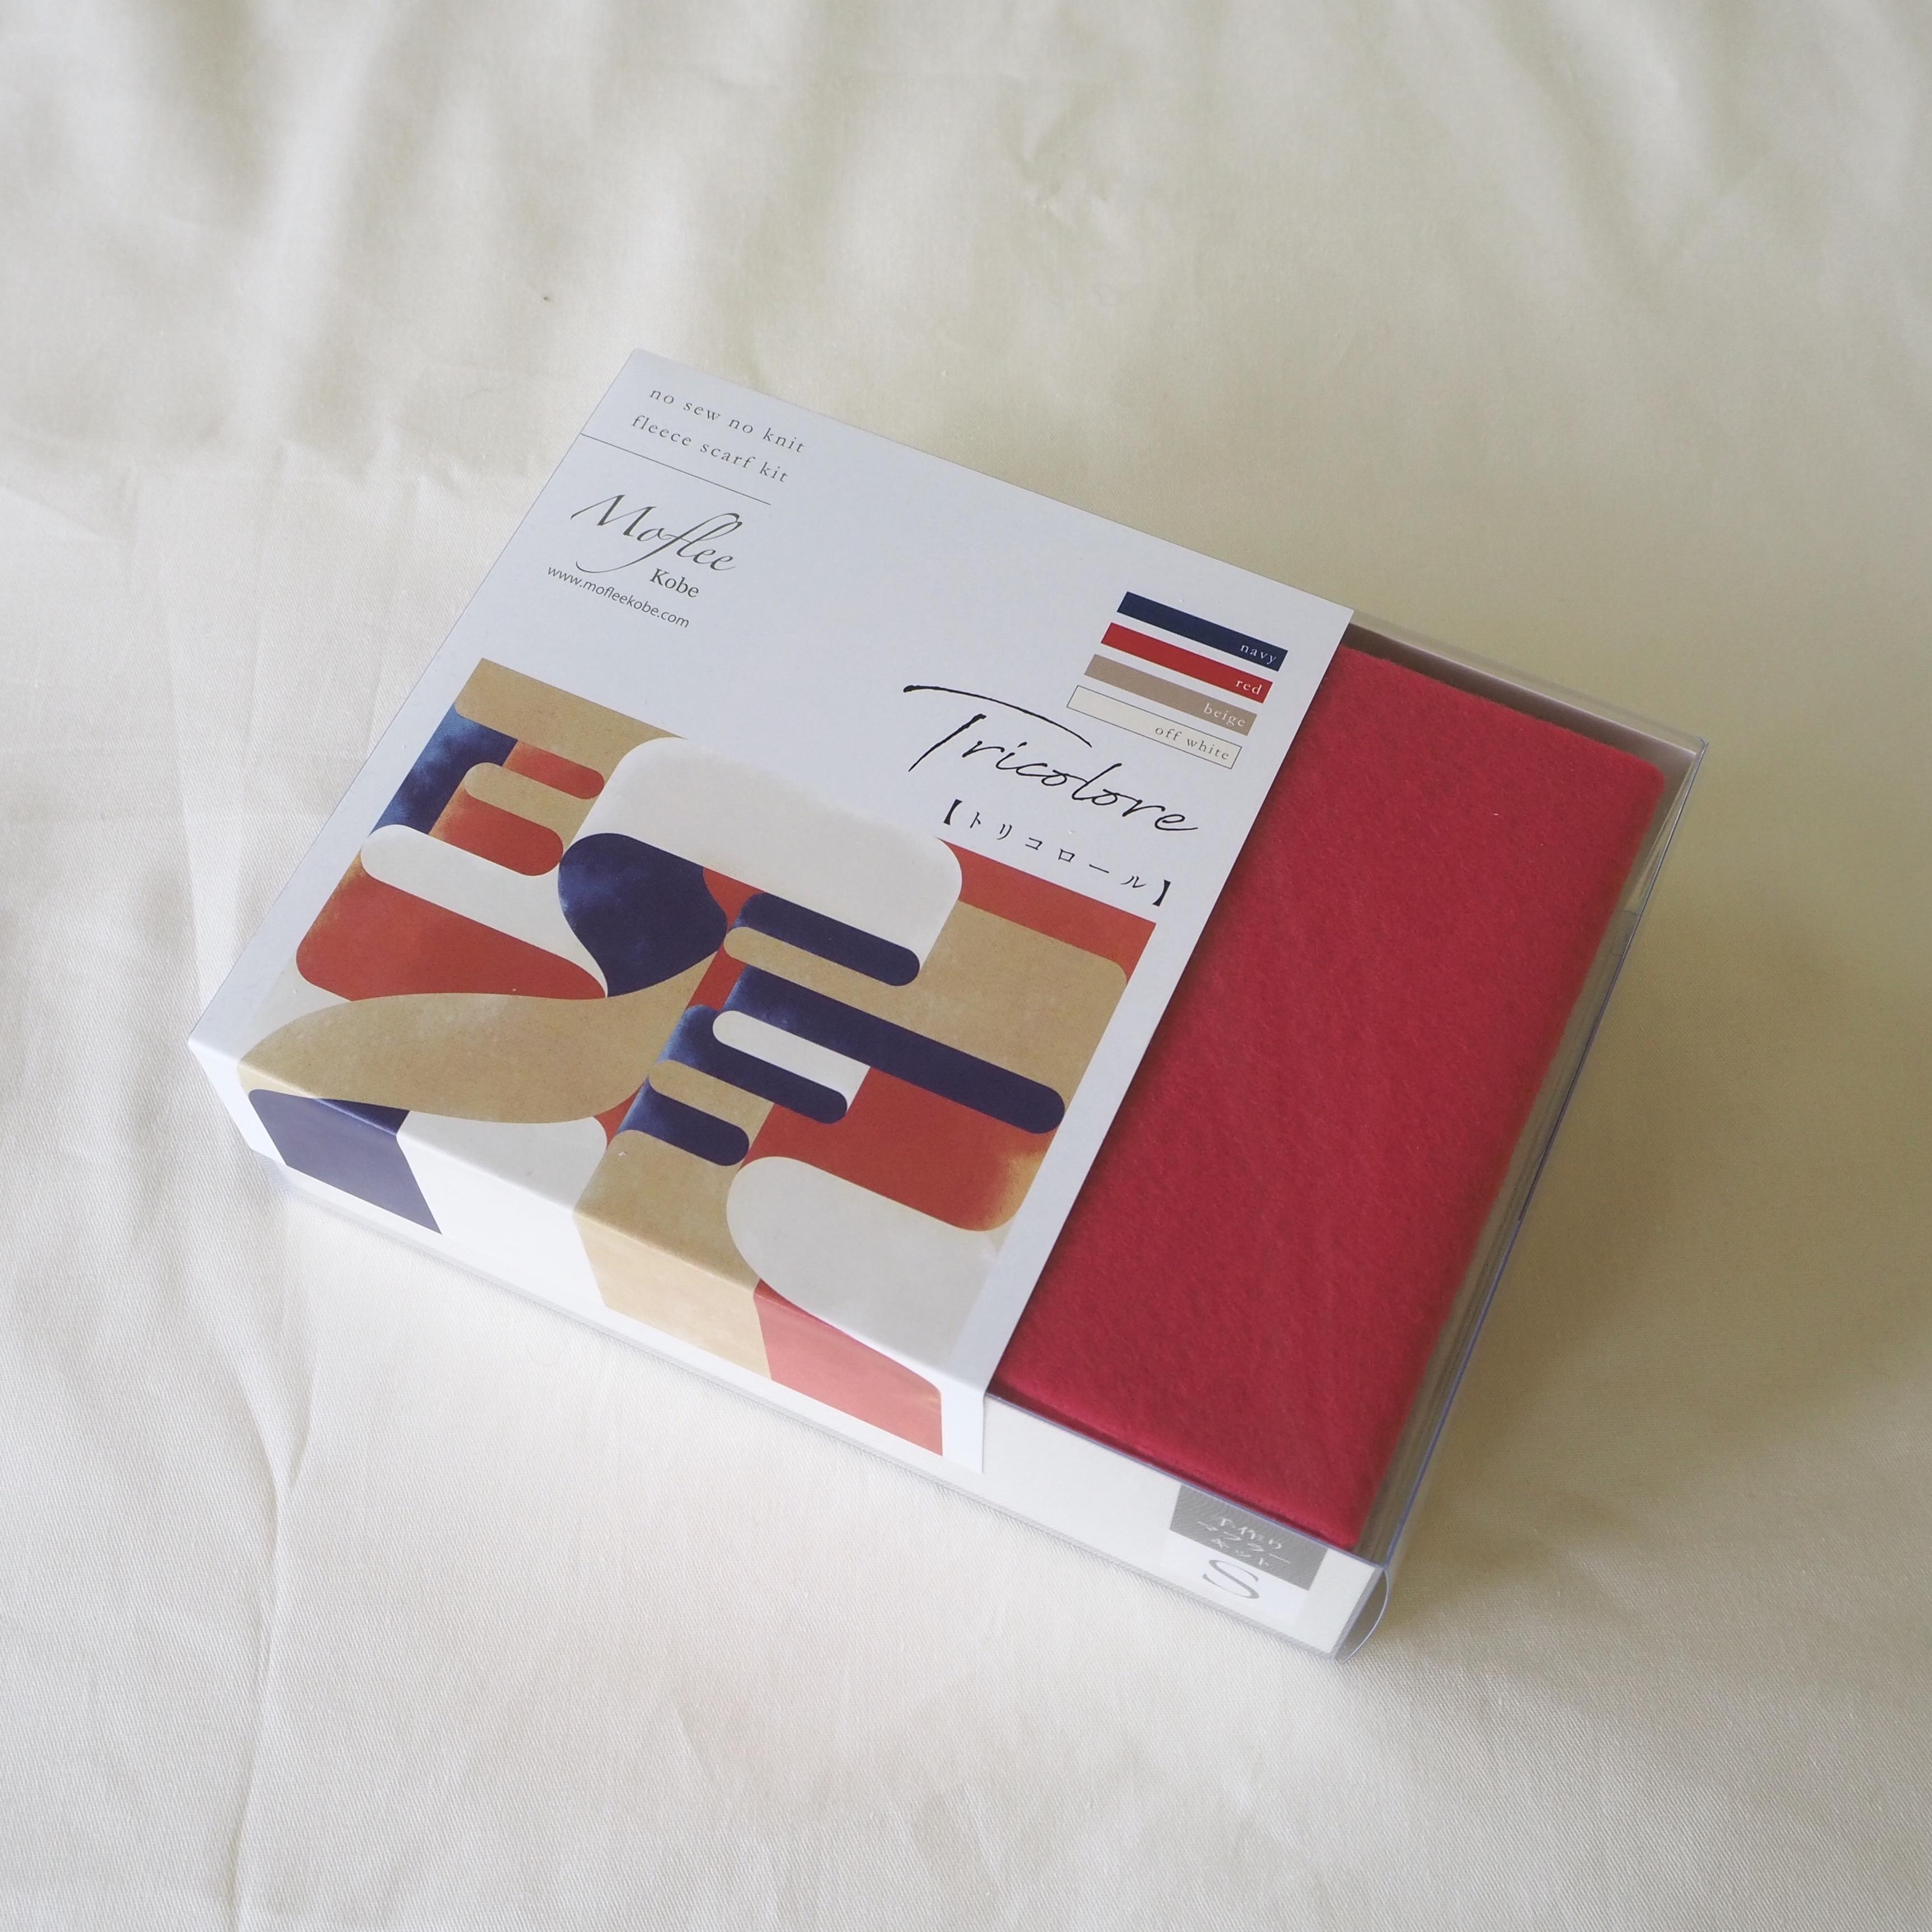 手作りマフラーキット【モフリーBox Kit】トリコロール ◆Sサイズ